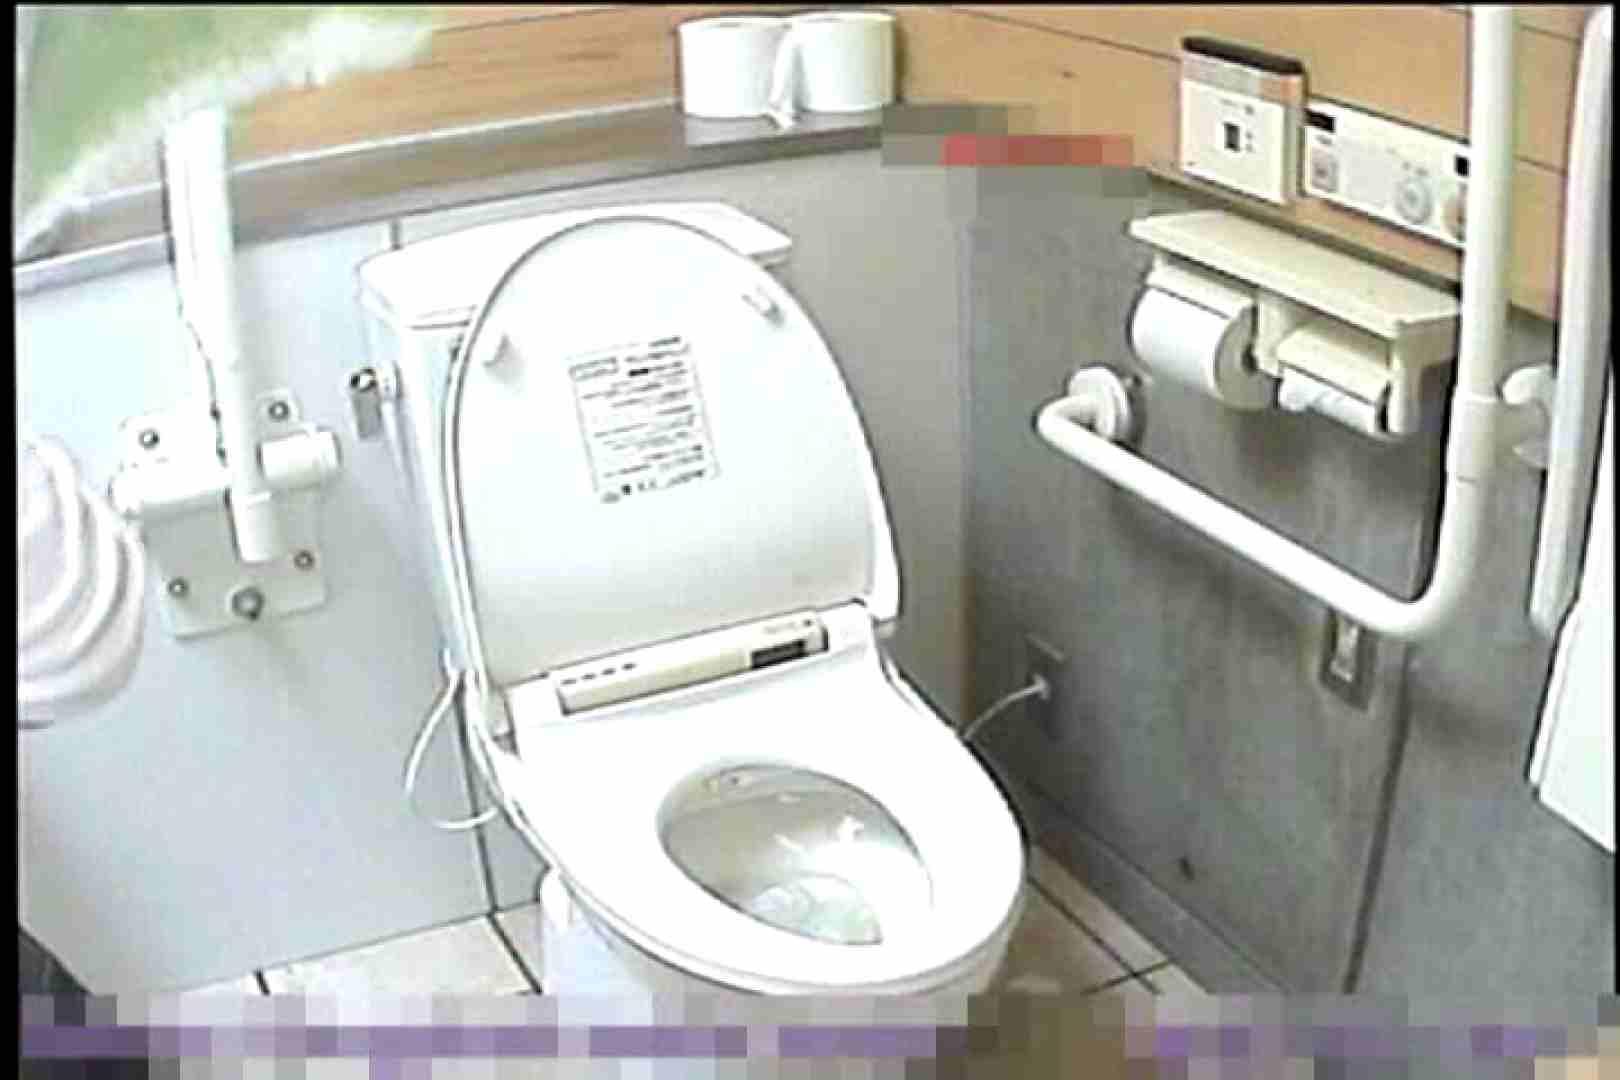 2点盗撮洗面所潜入レポートVol.7 洋式固定カメラ編 0 | 0  101画像 9